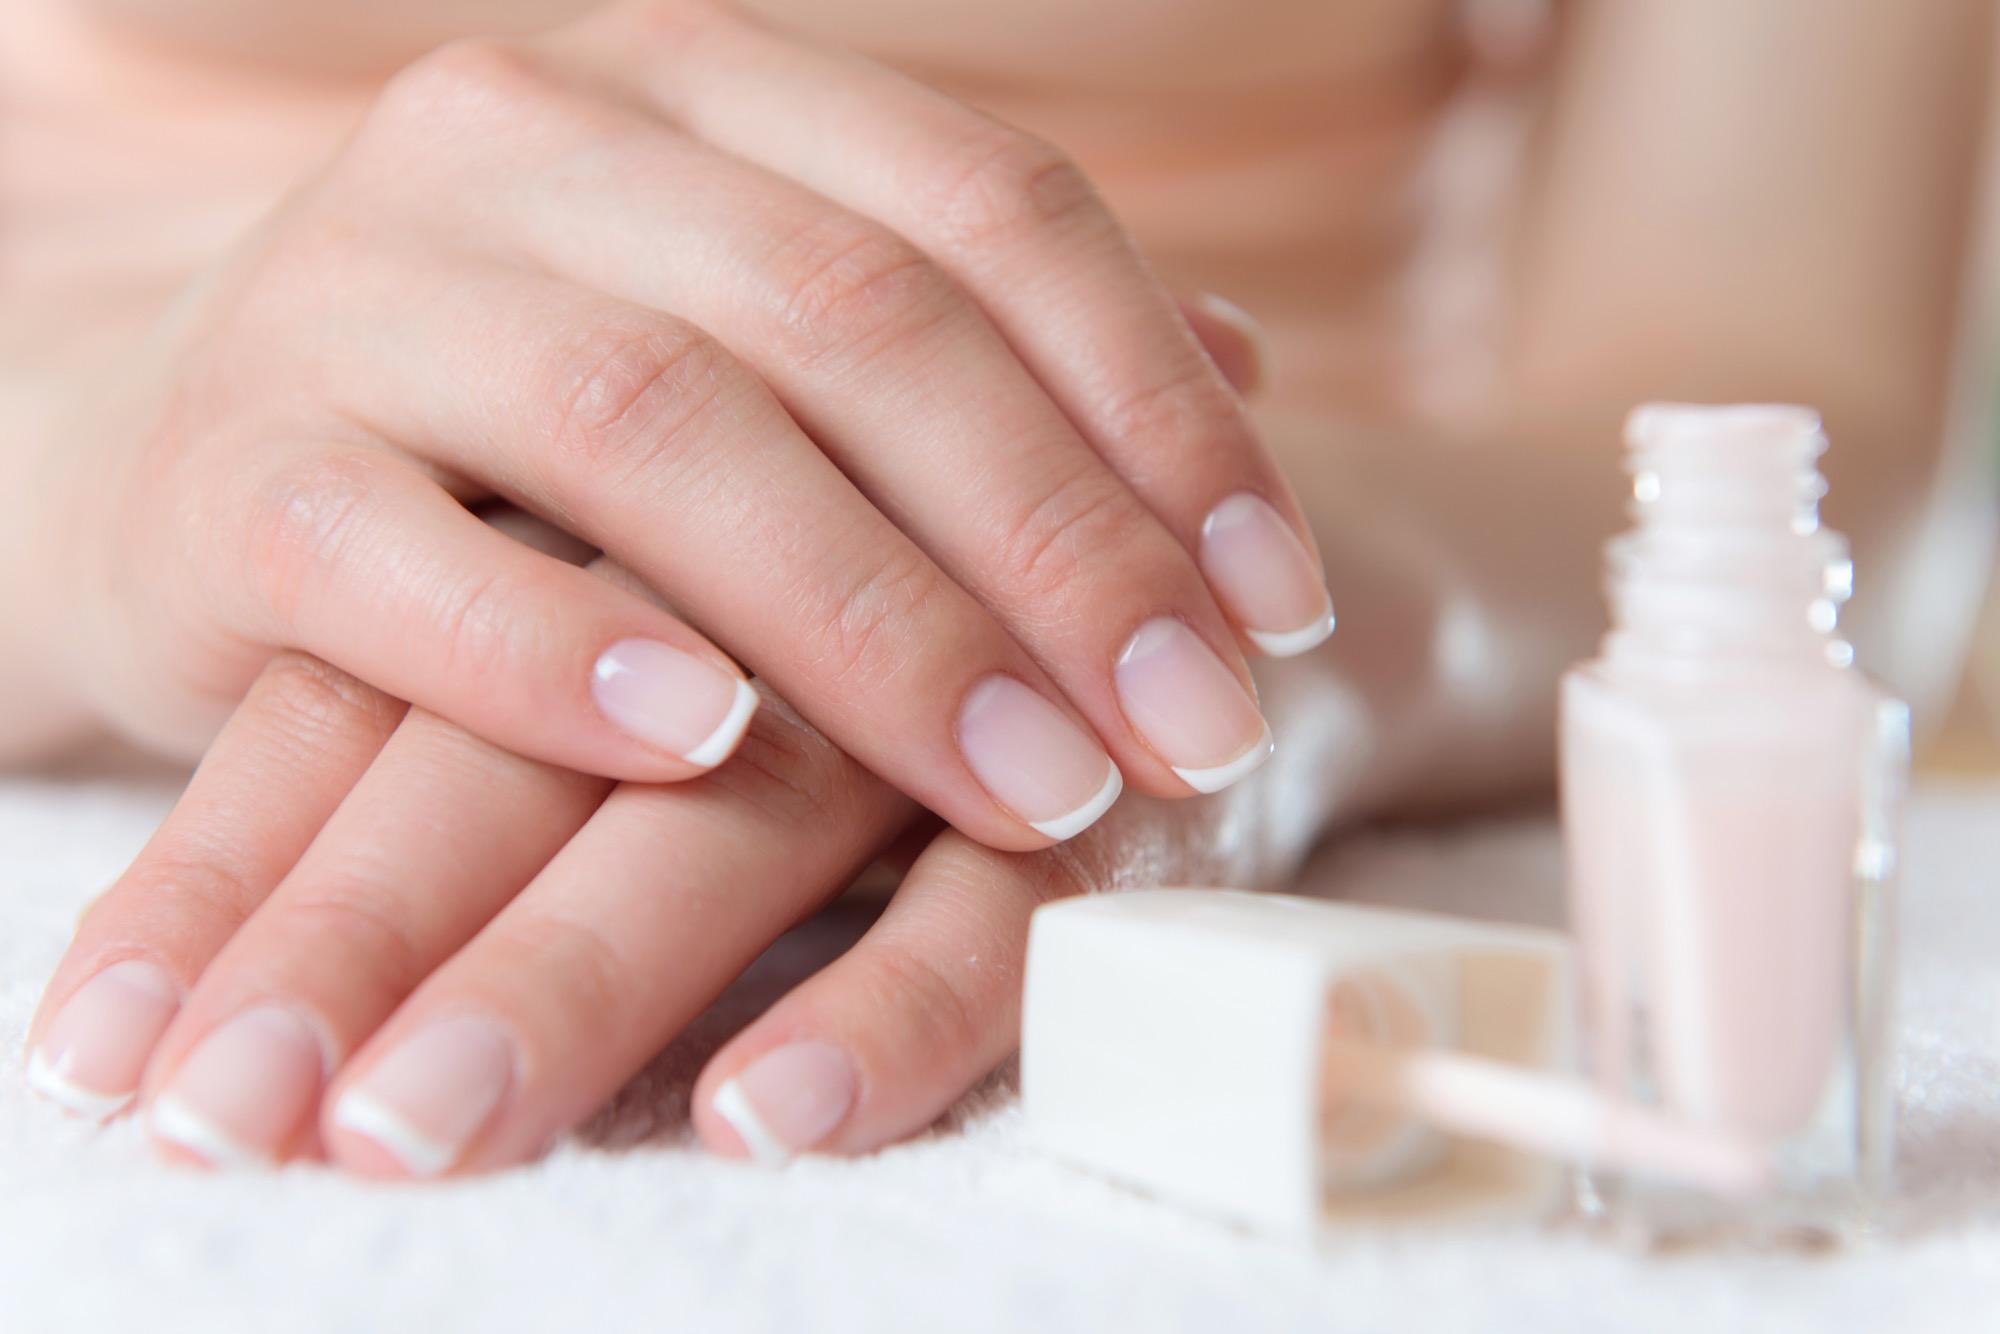 Kosten Maniküre  Beauty 1x1 French Nails Schritt für Schritt erklärt